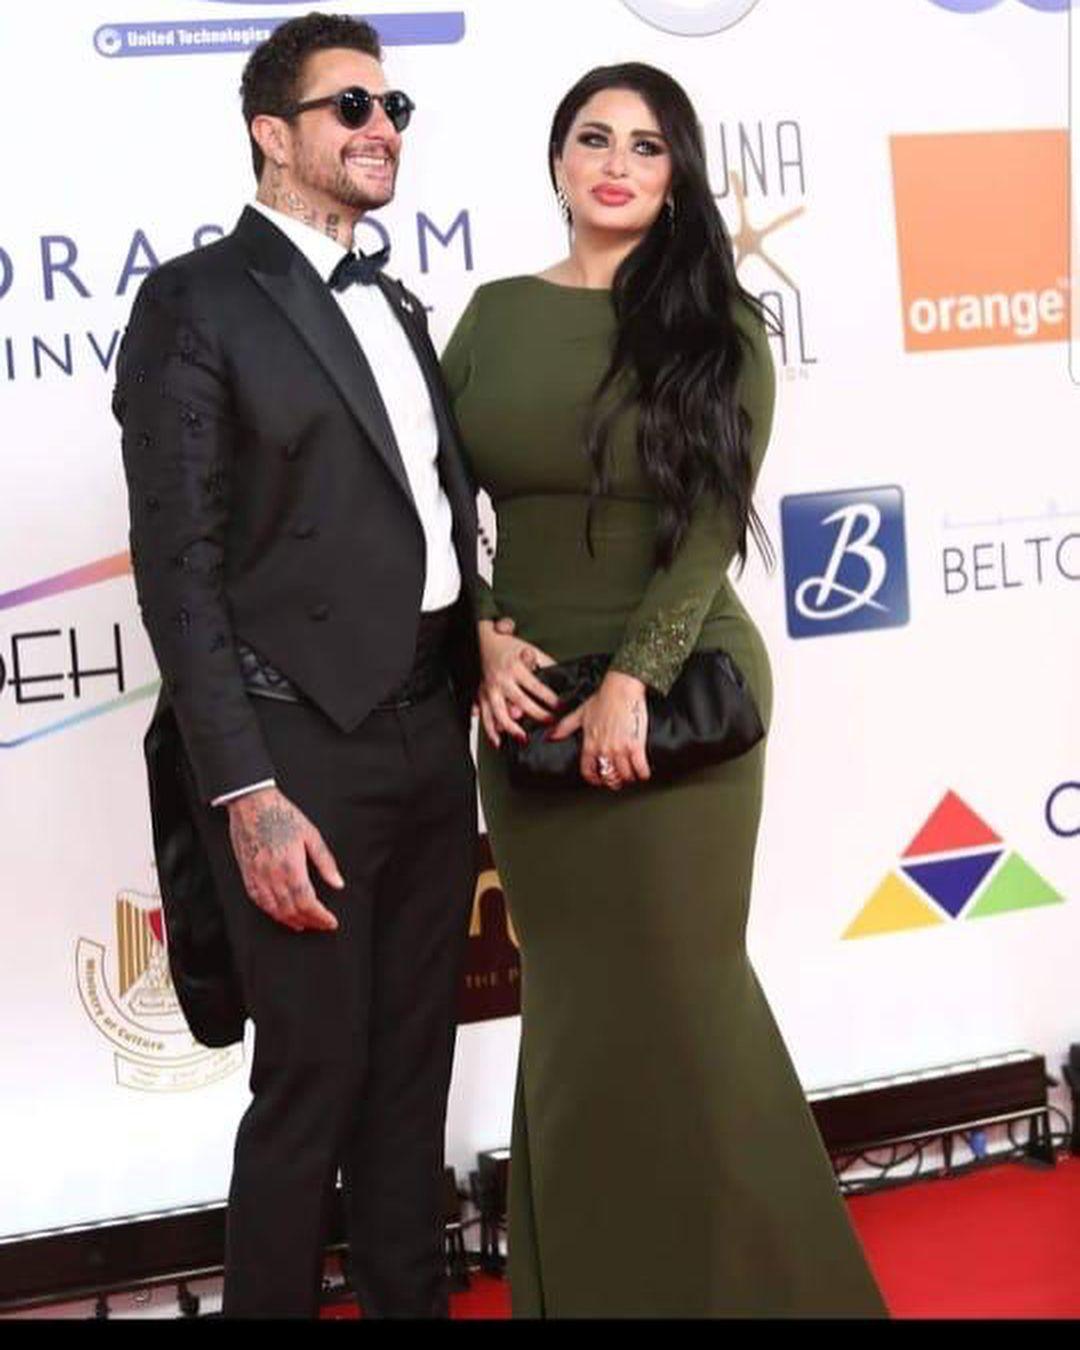 ندى كامل زوجة احمد الفيشاوي ويكيبيديا Style Fashion Formal